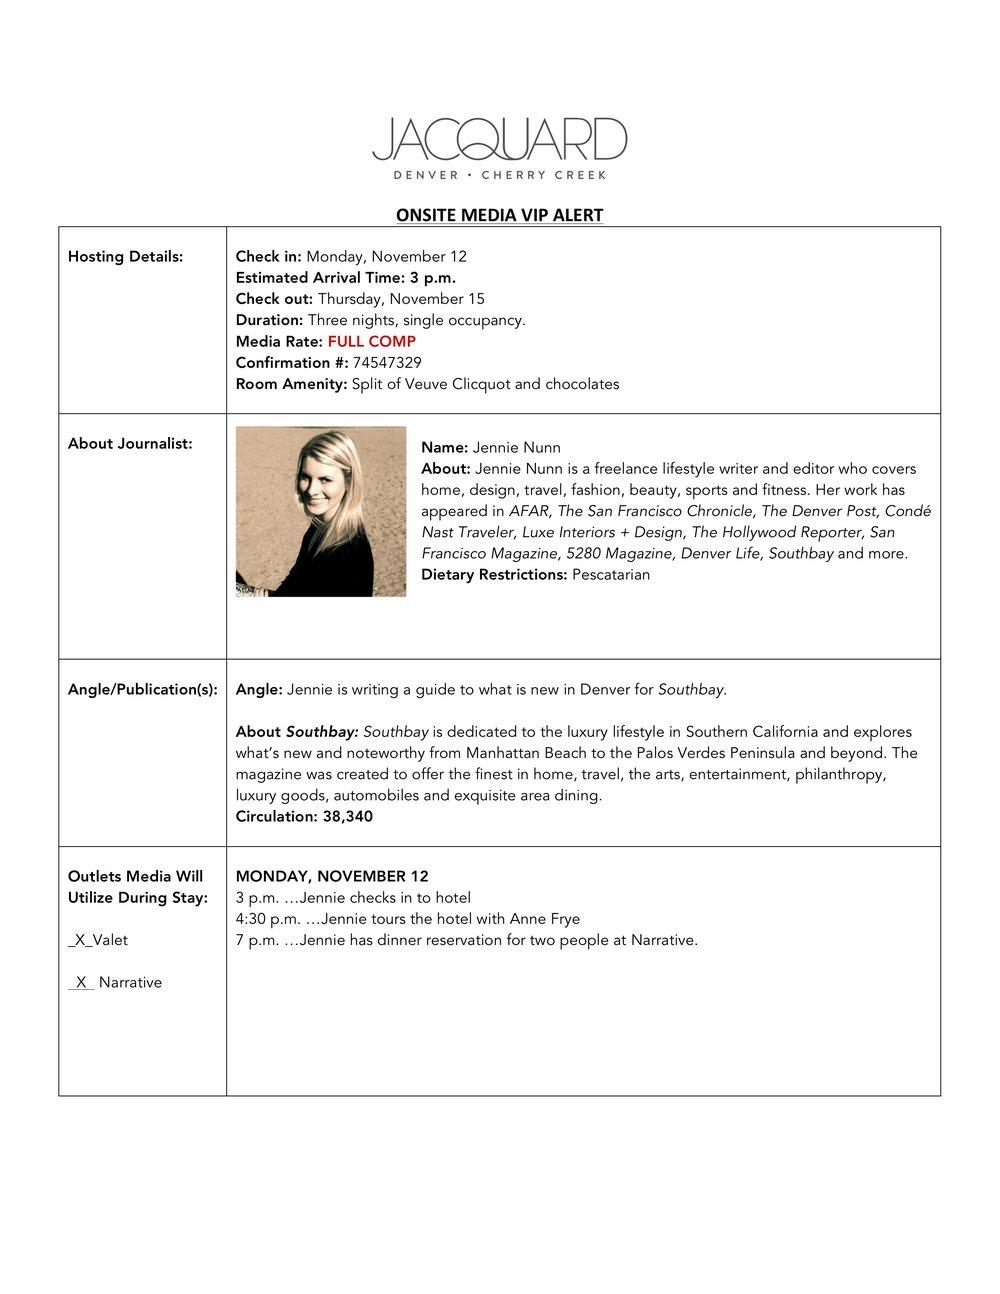 Jennie Nunn, Nov. 12-15.jpg